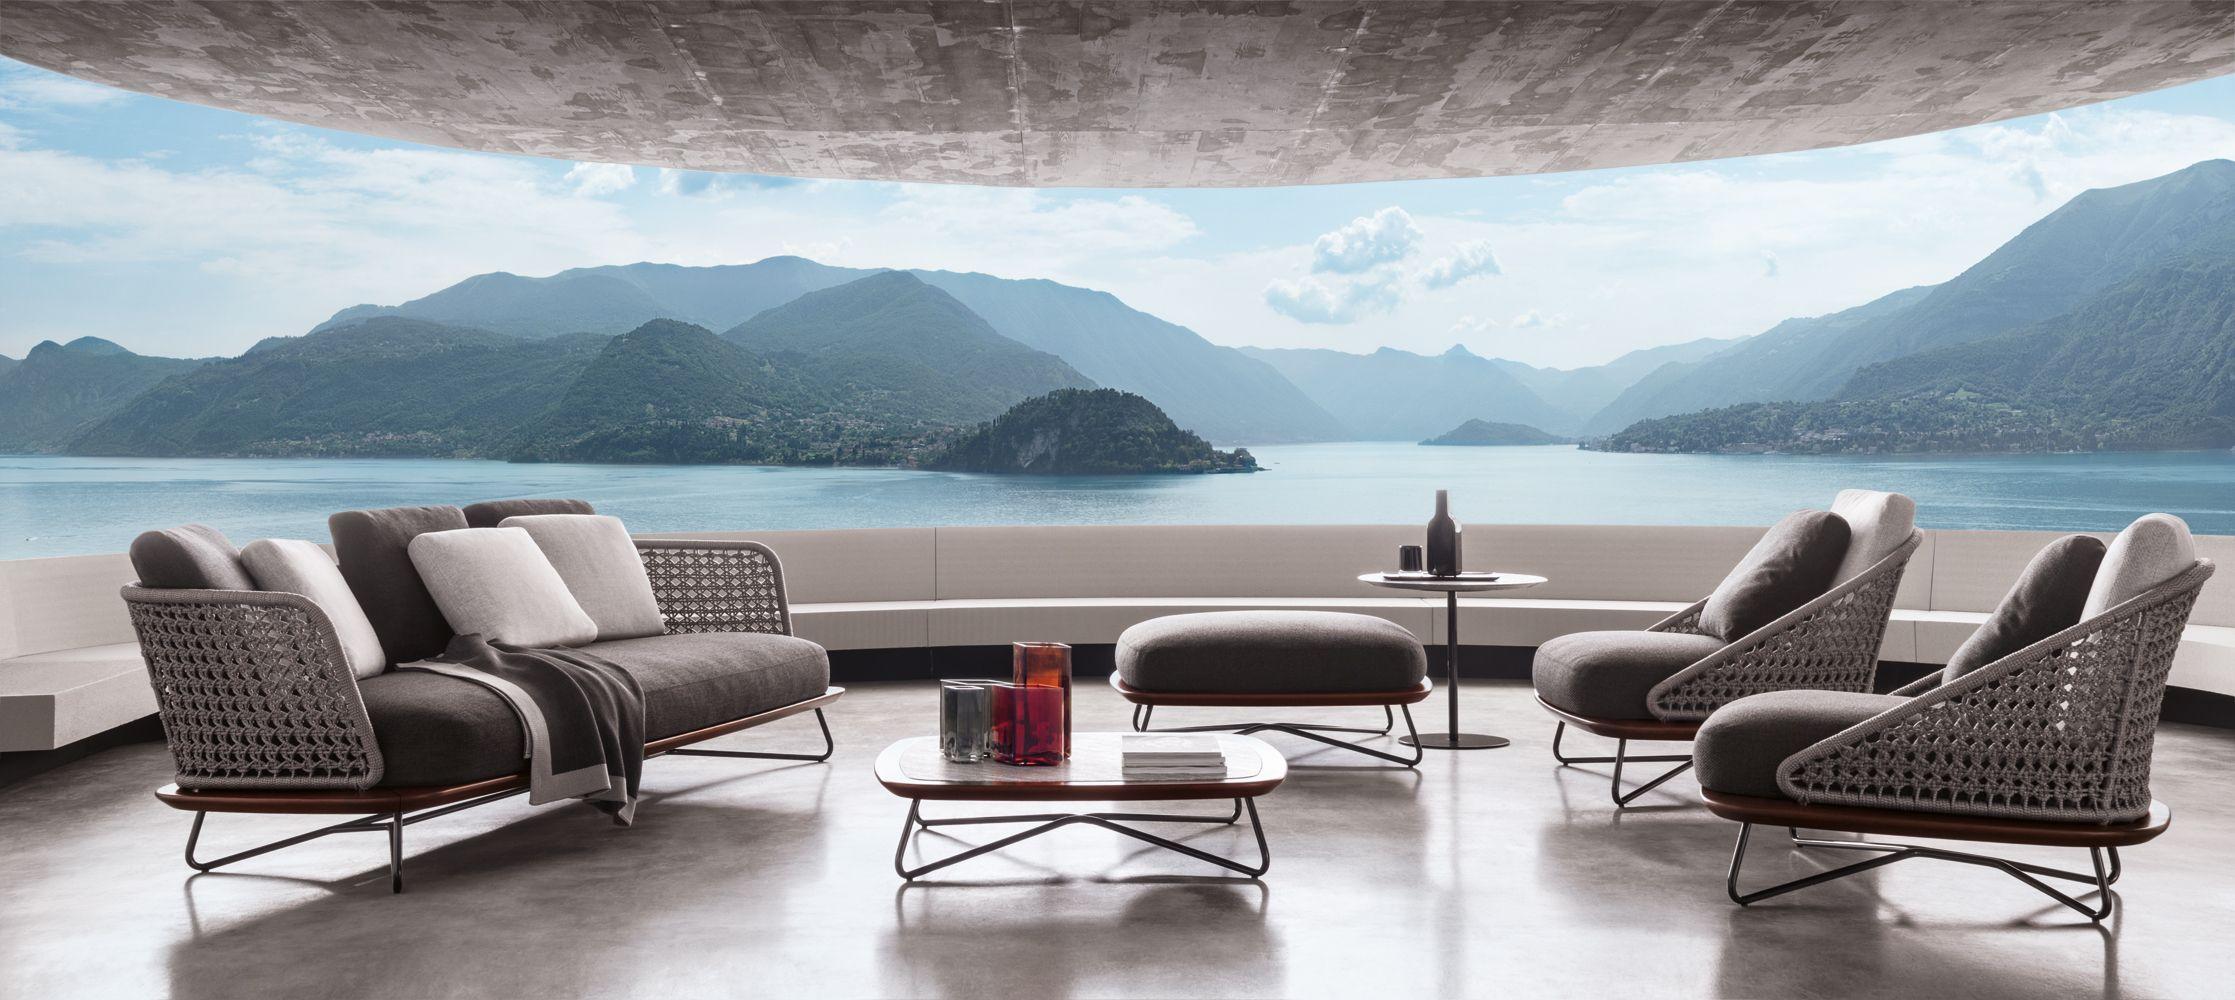 Rivera Outdoor Collection, Rodolfo Dordoni Design #lifescape ...